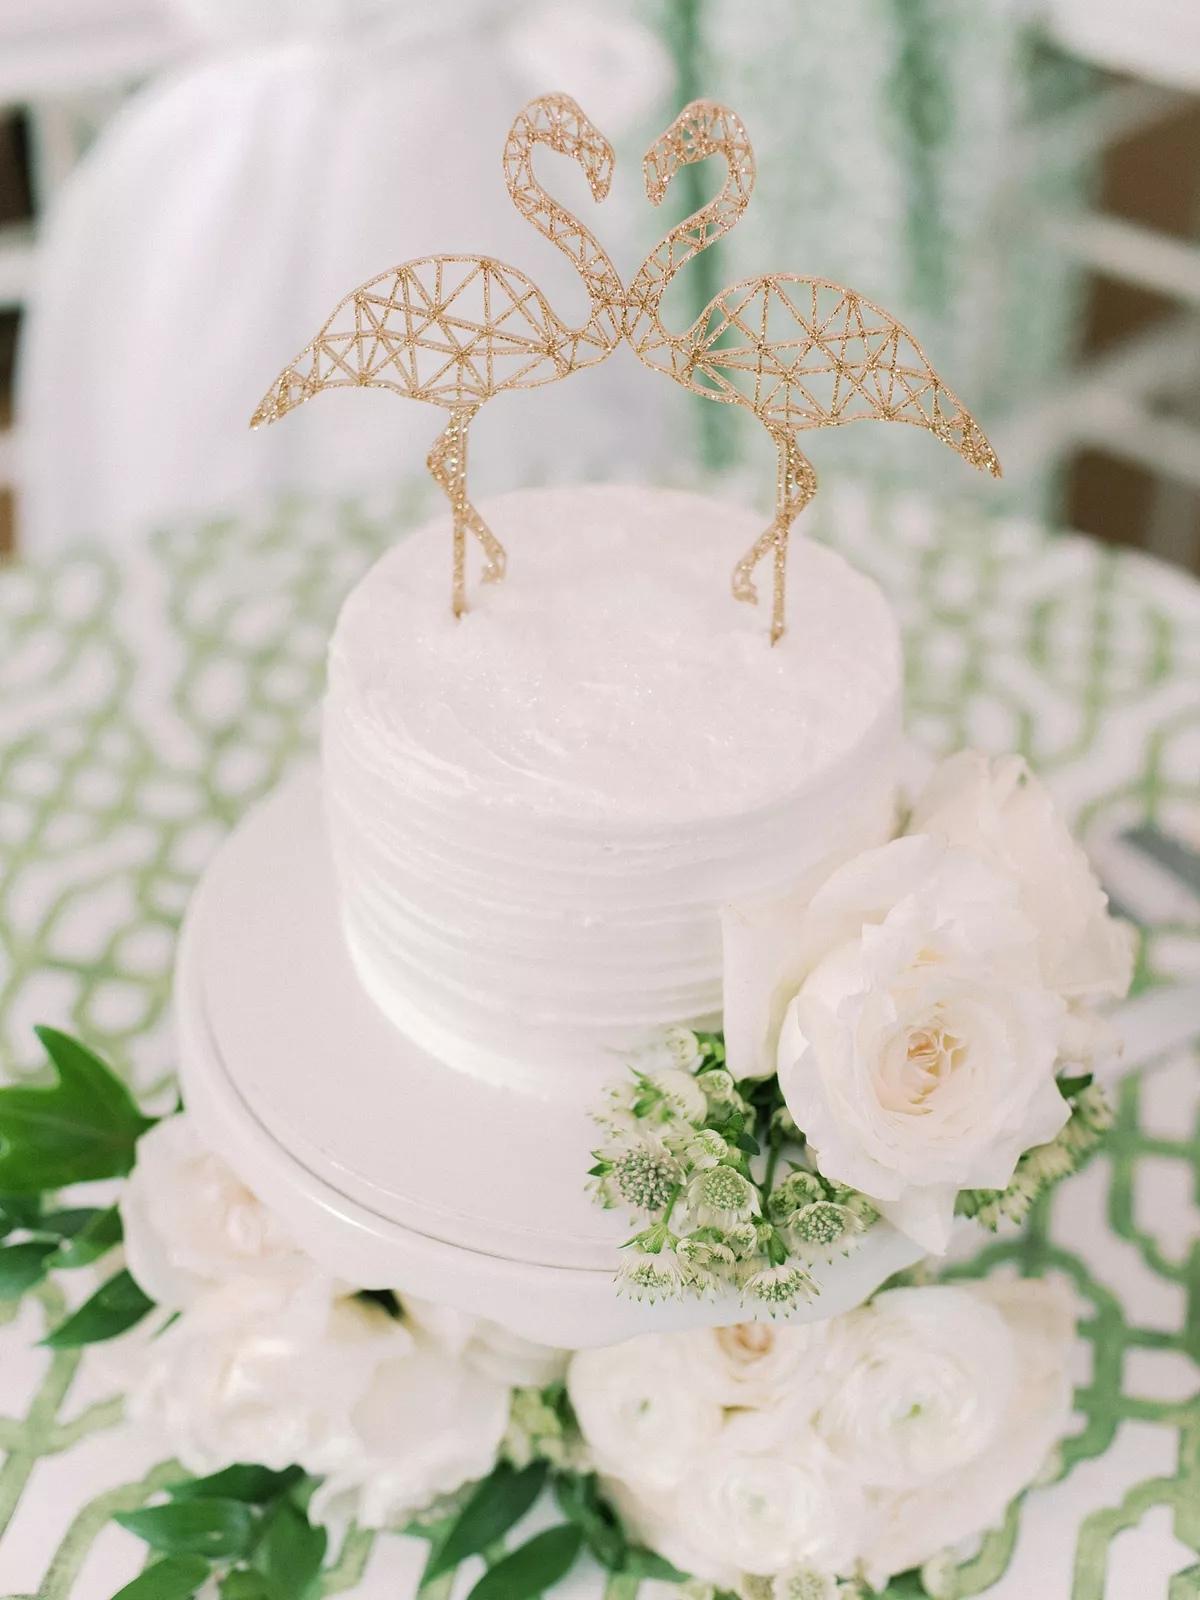 crsRQoJ8uBs - Маленькие свадебные торты